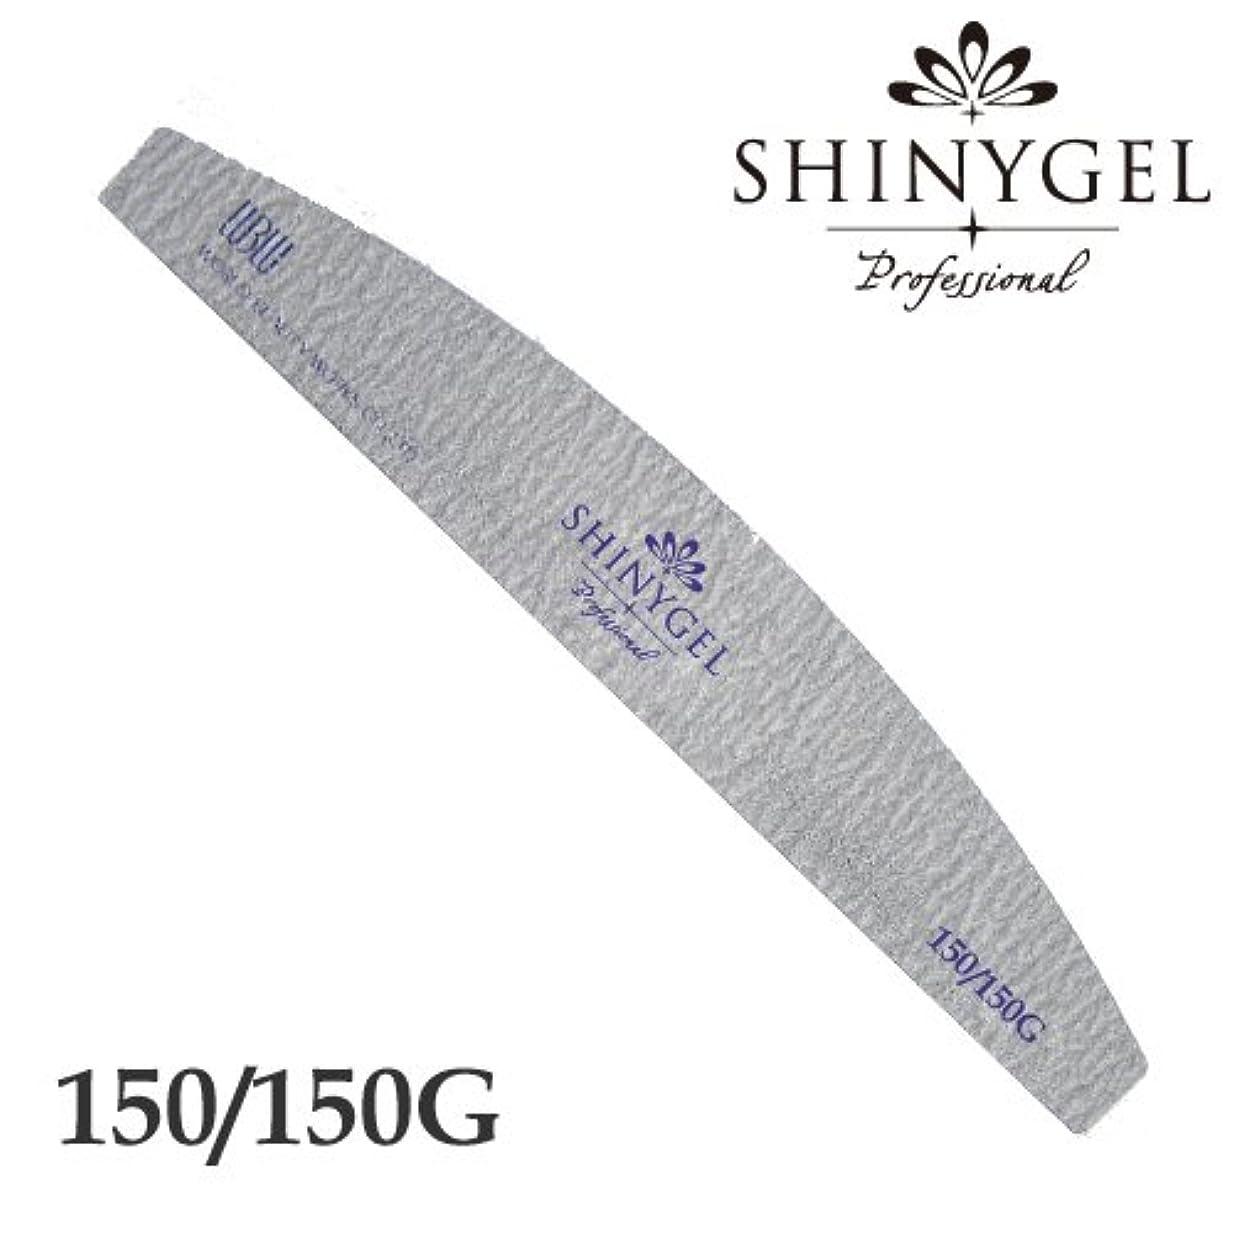 どこか欠点実現可能SHINYGEL Professional シャイニージェルプロフェッショナル ゼブラファイル ブラック(アーチ型) 150/150G ジェルネイル 爪やすり